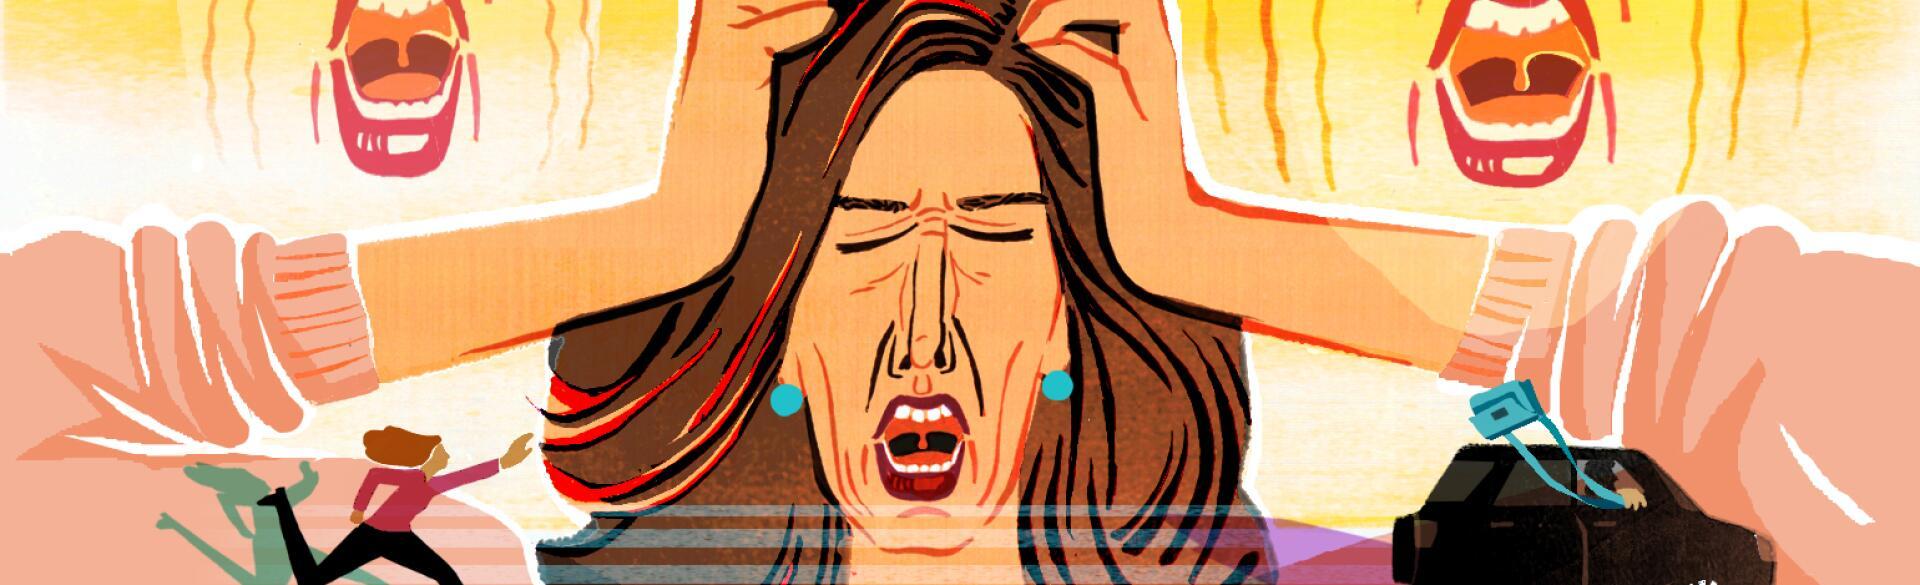 illustration of woman having nervous breakdown